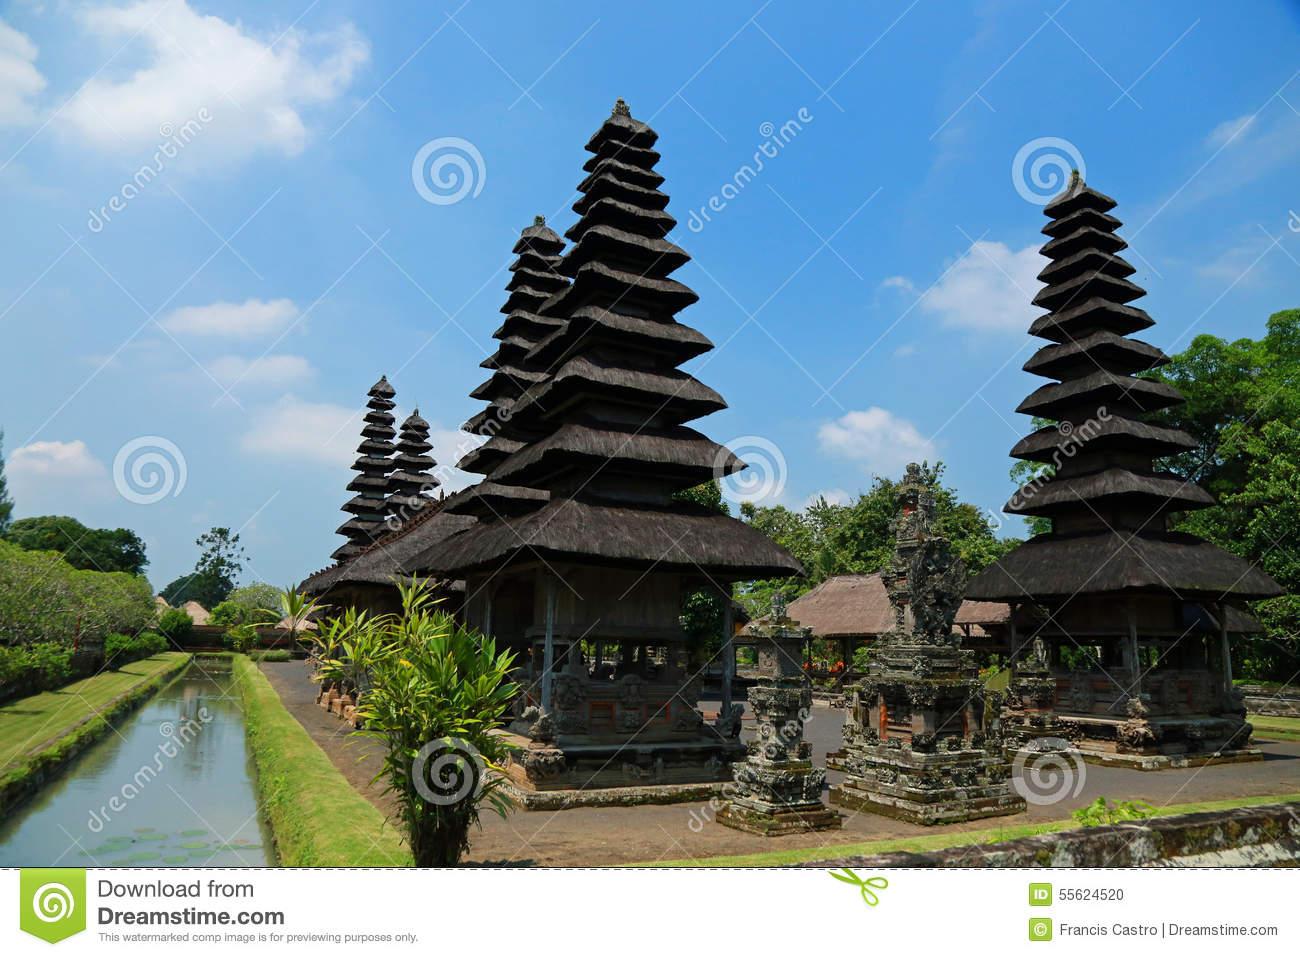 Royal Family Temple Of Mengwi Pura Taman Ayun In Bali, Indonesia.